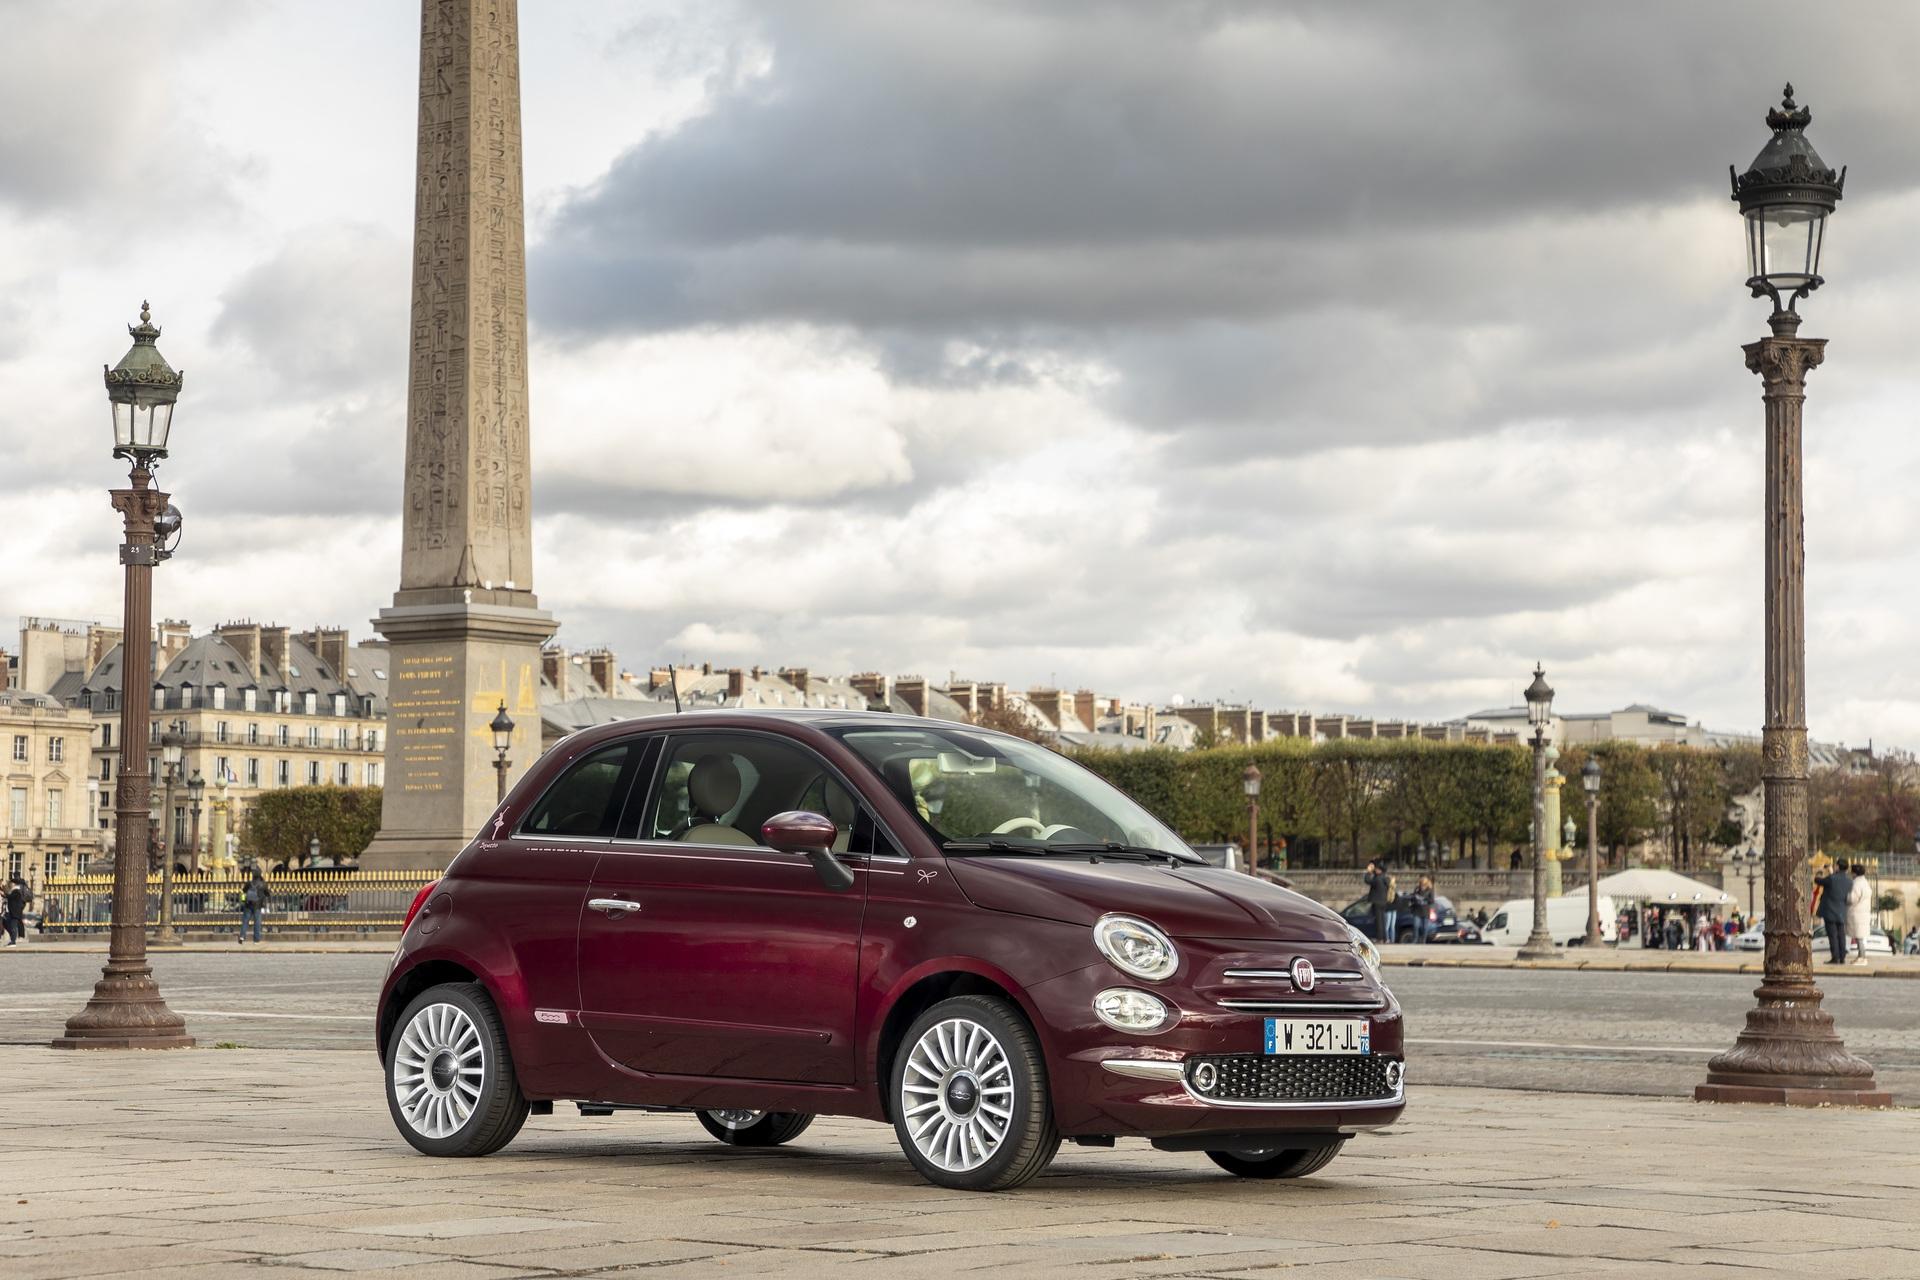 Fiat_500_Repetto_0005